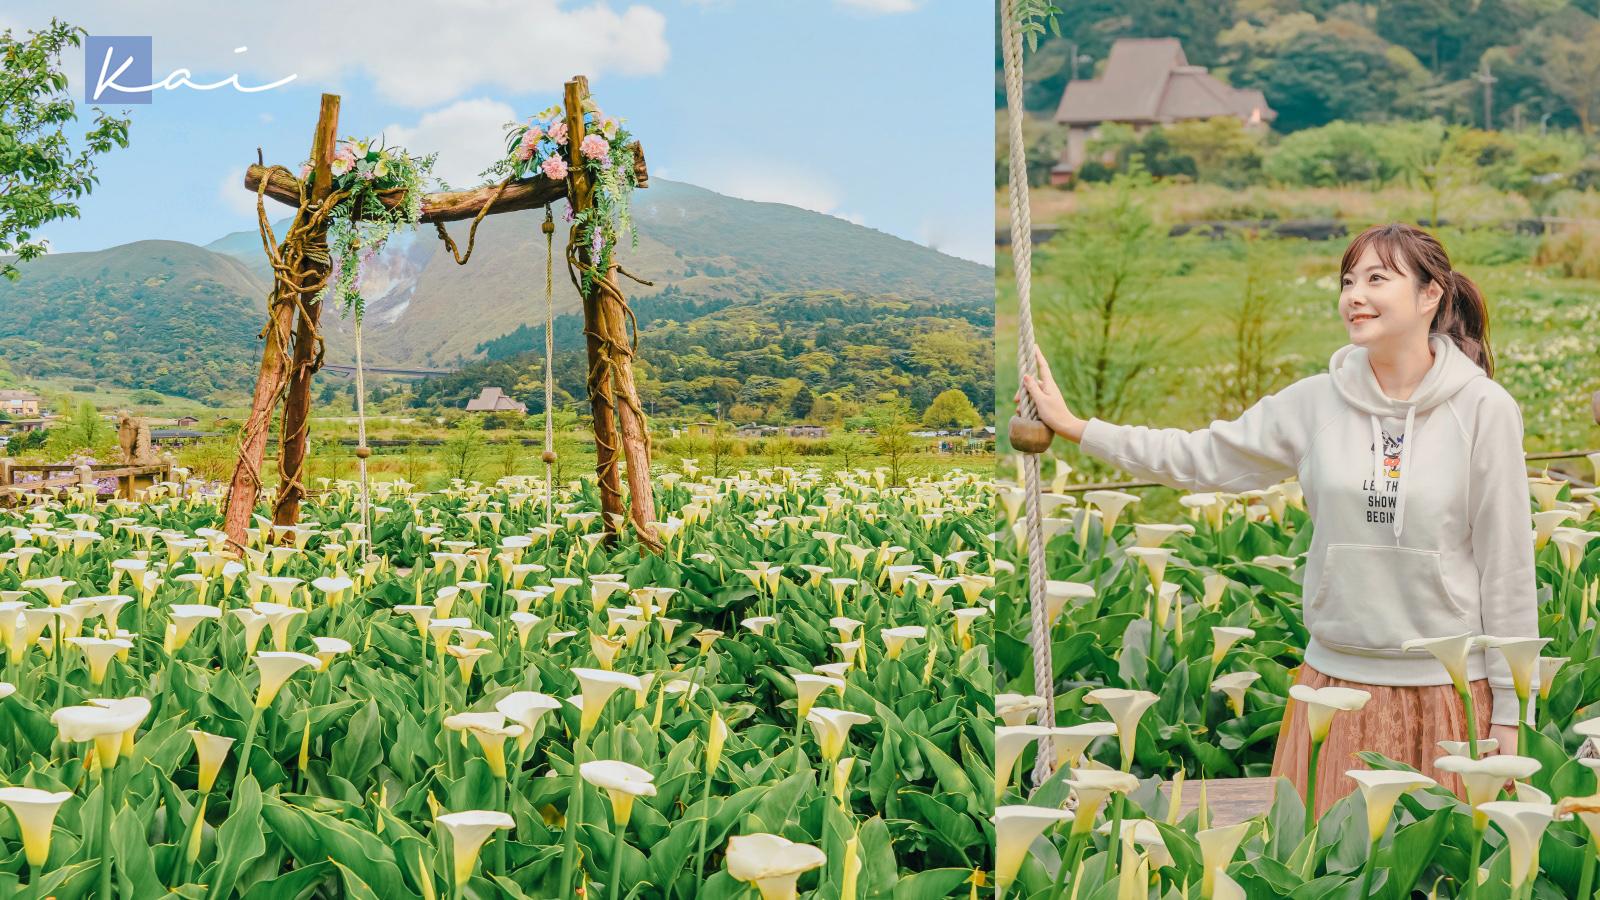 即時熱門文章:☆【台北|陽明山】名陽匍休閒農莊。海芋園中的森林小木屋、盪鞦韆。2021海芋花況